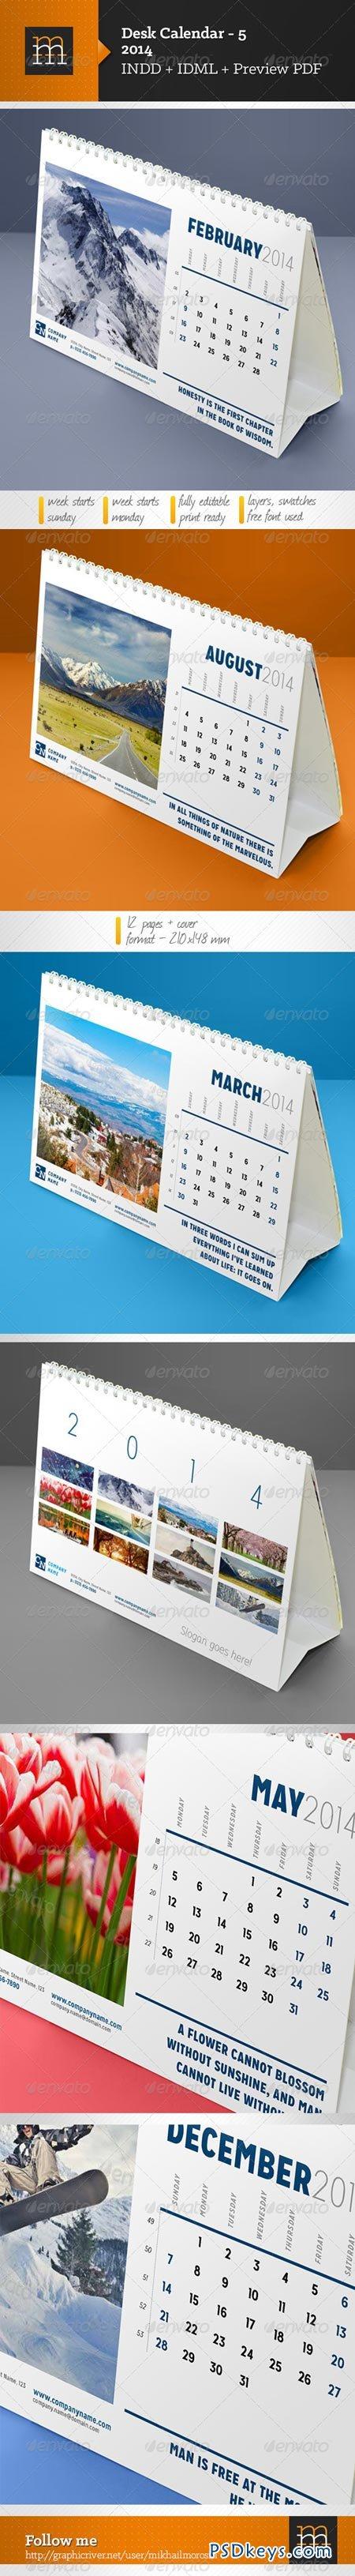 Desk Calendar-5 2014 6402761